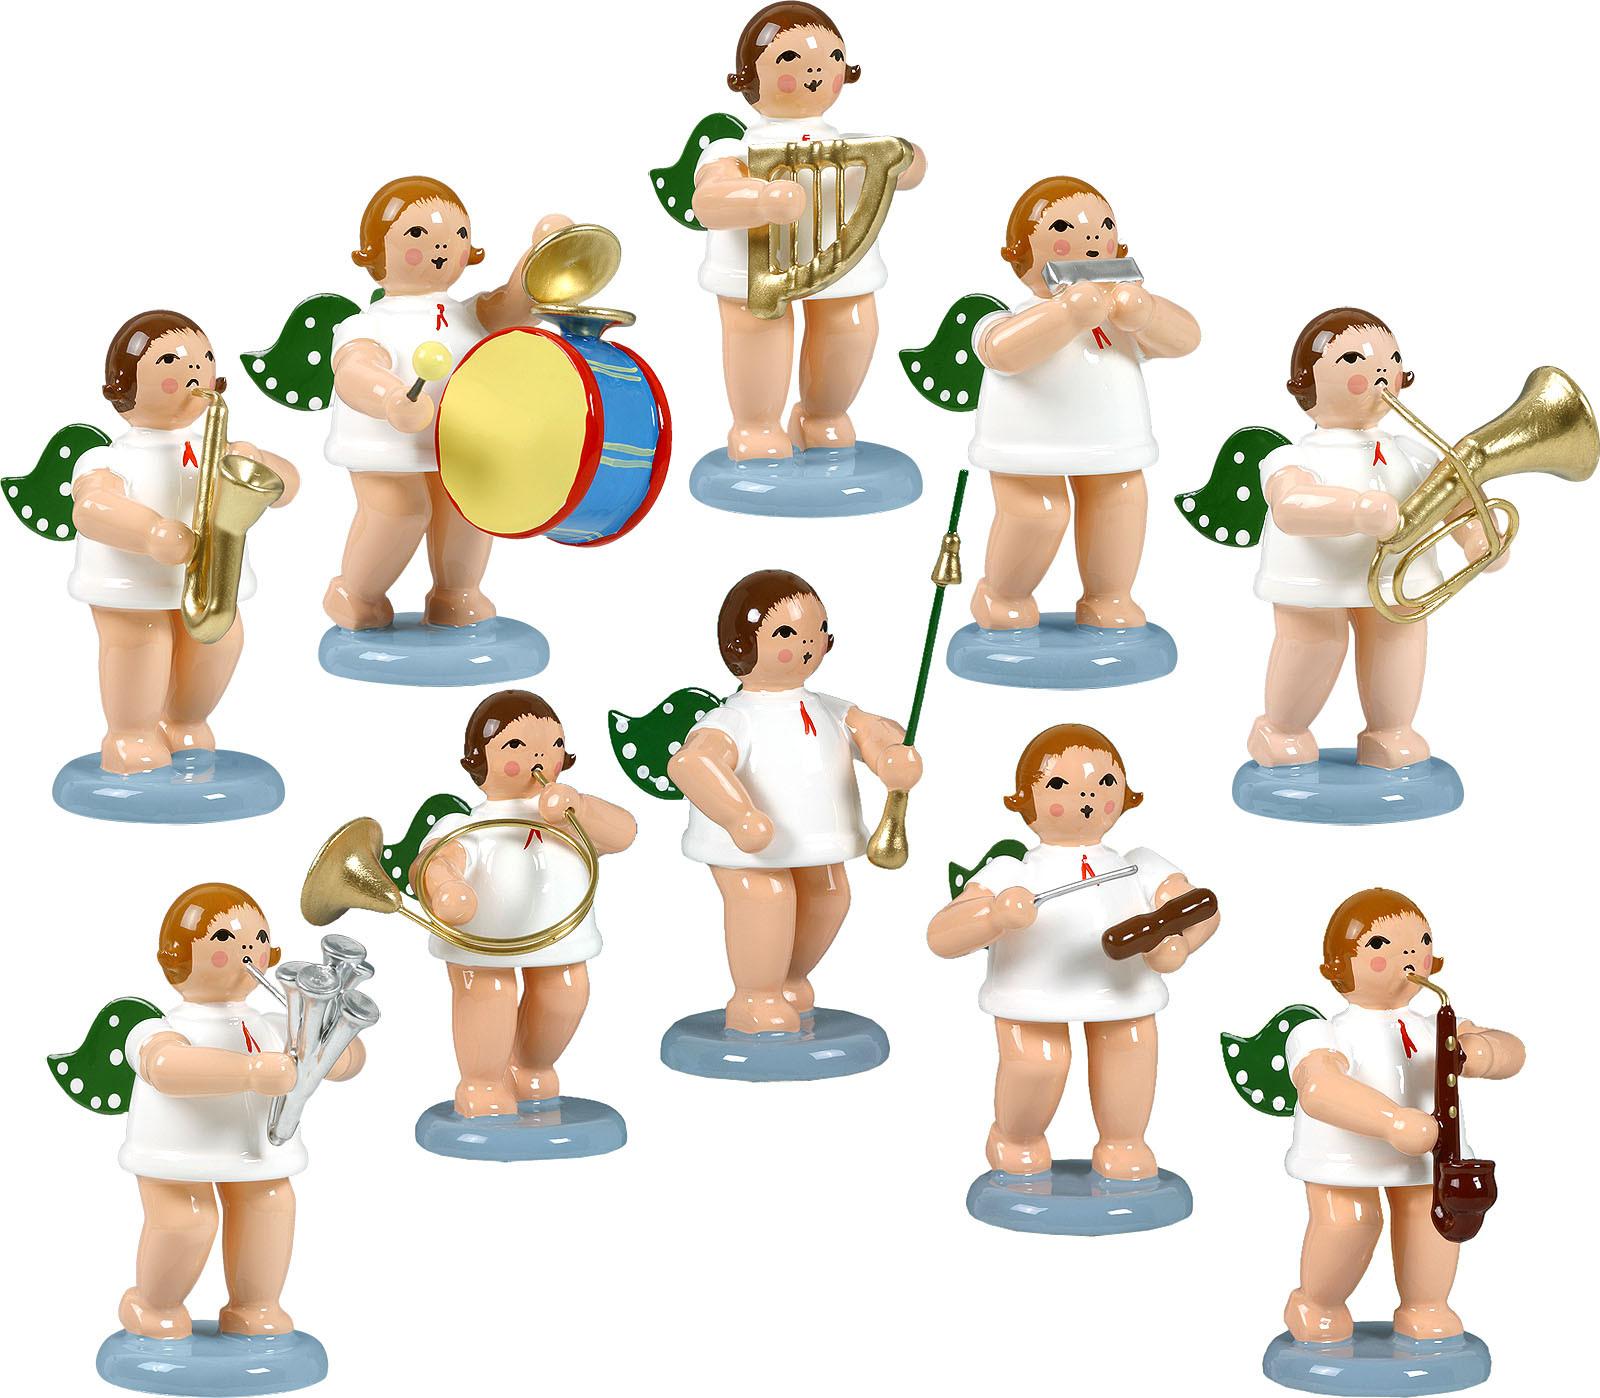 Engelmusikanten 10-teilig, Variante 5 - ohne Krone